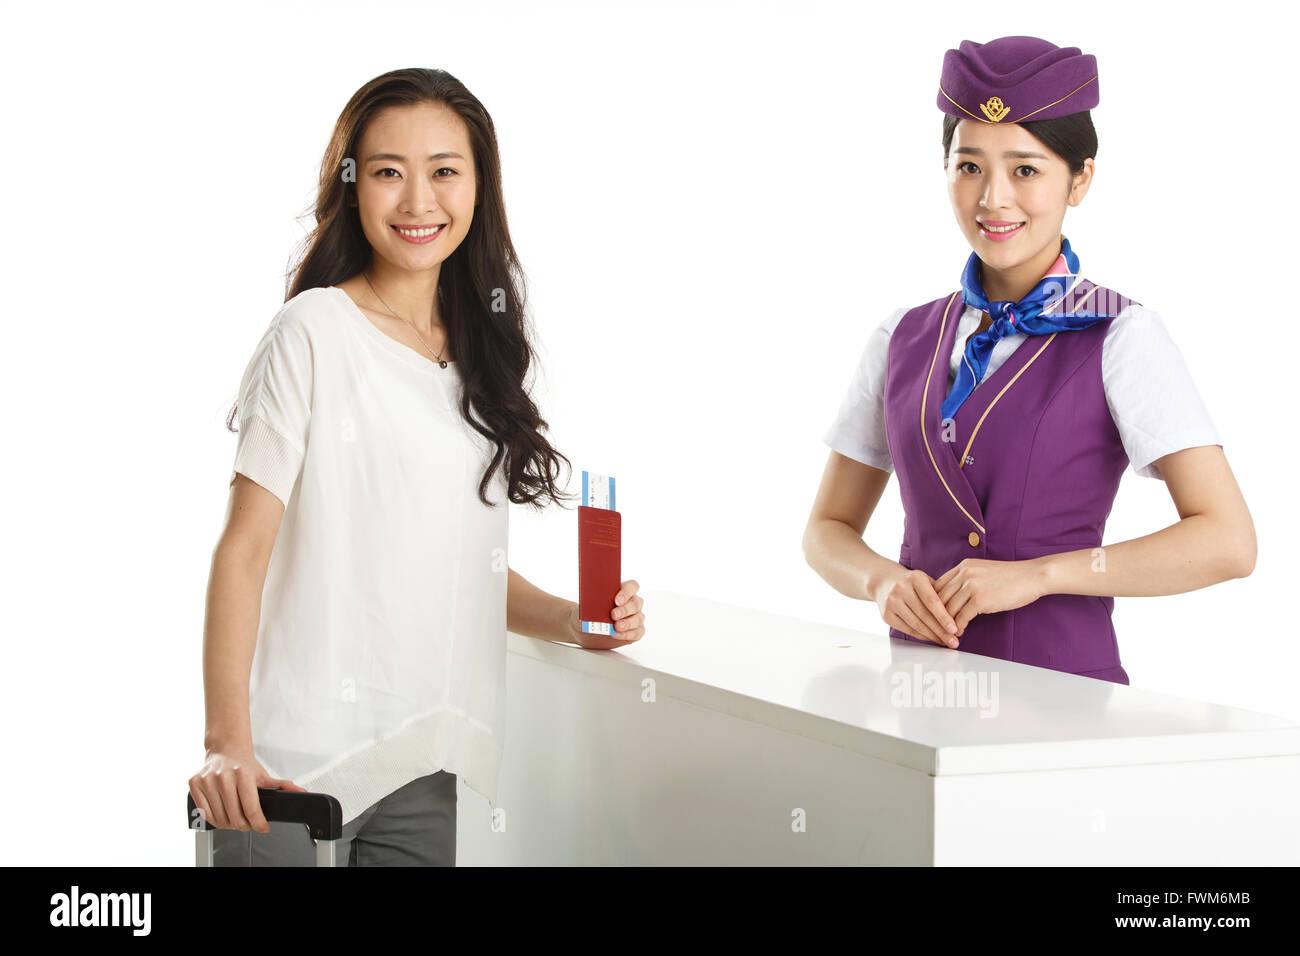 Las hembras jóvenes asistentes de vuelo y los pasajeros Imagen De Stock